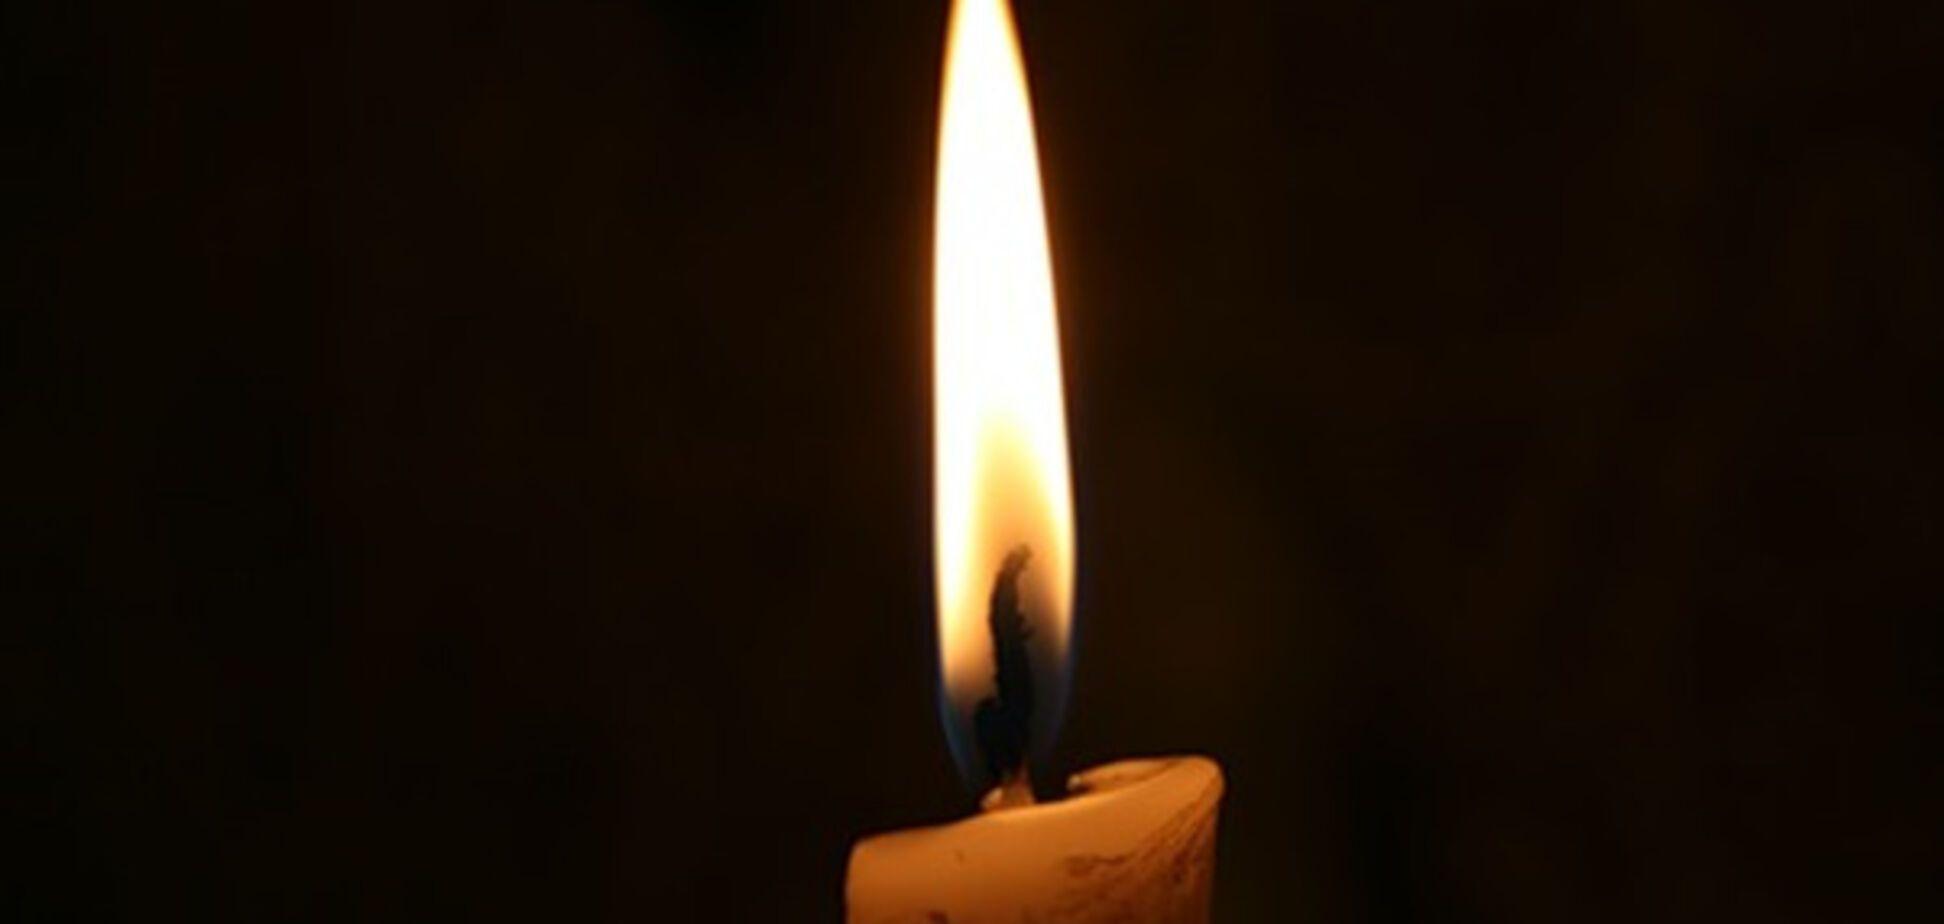 Во время обстрела на Донбассе погиб защитник Украины из Запорожья